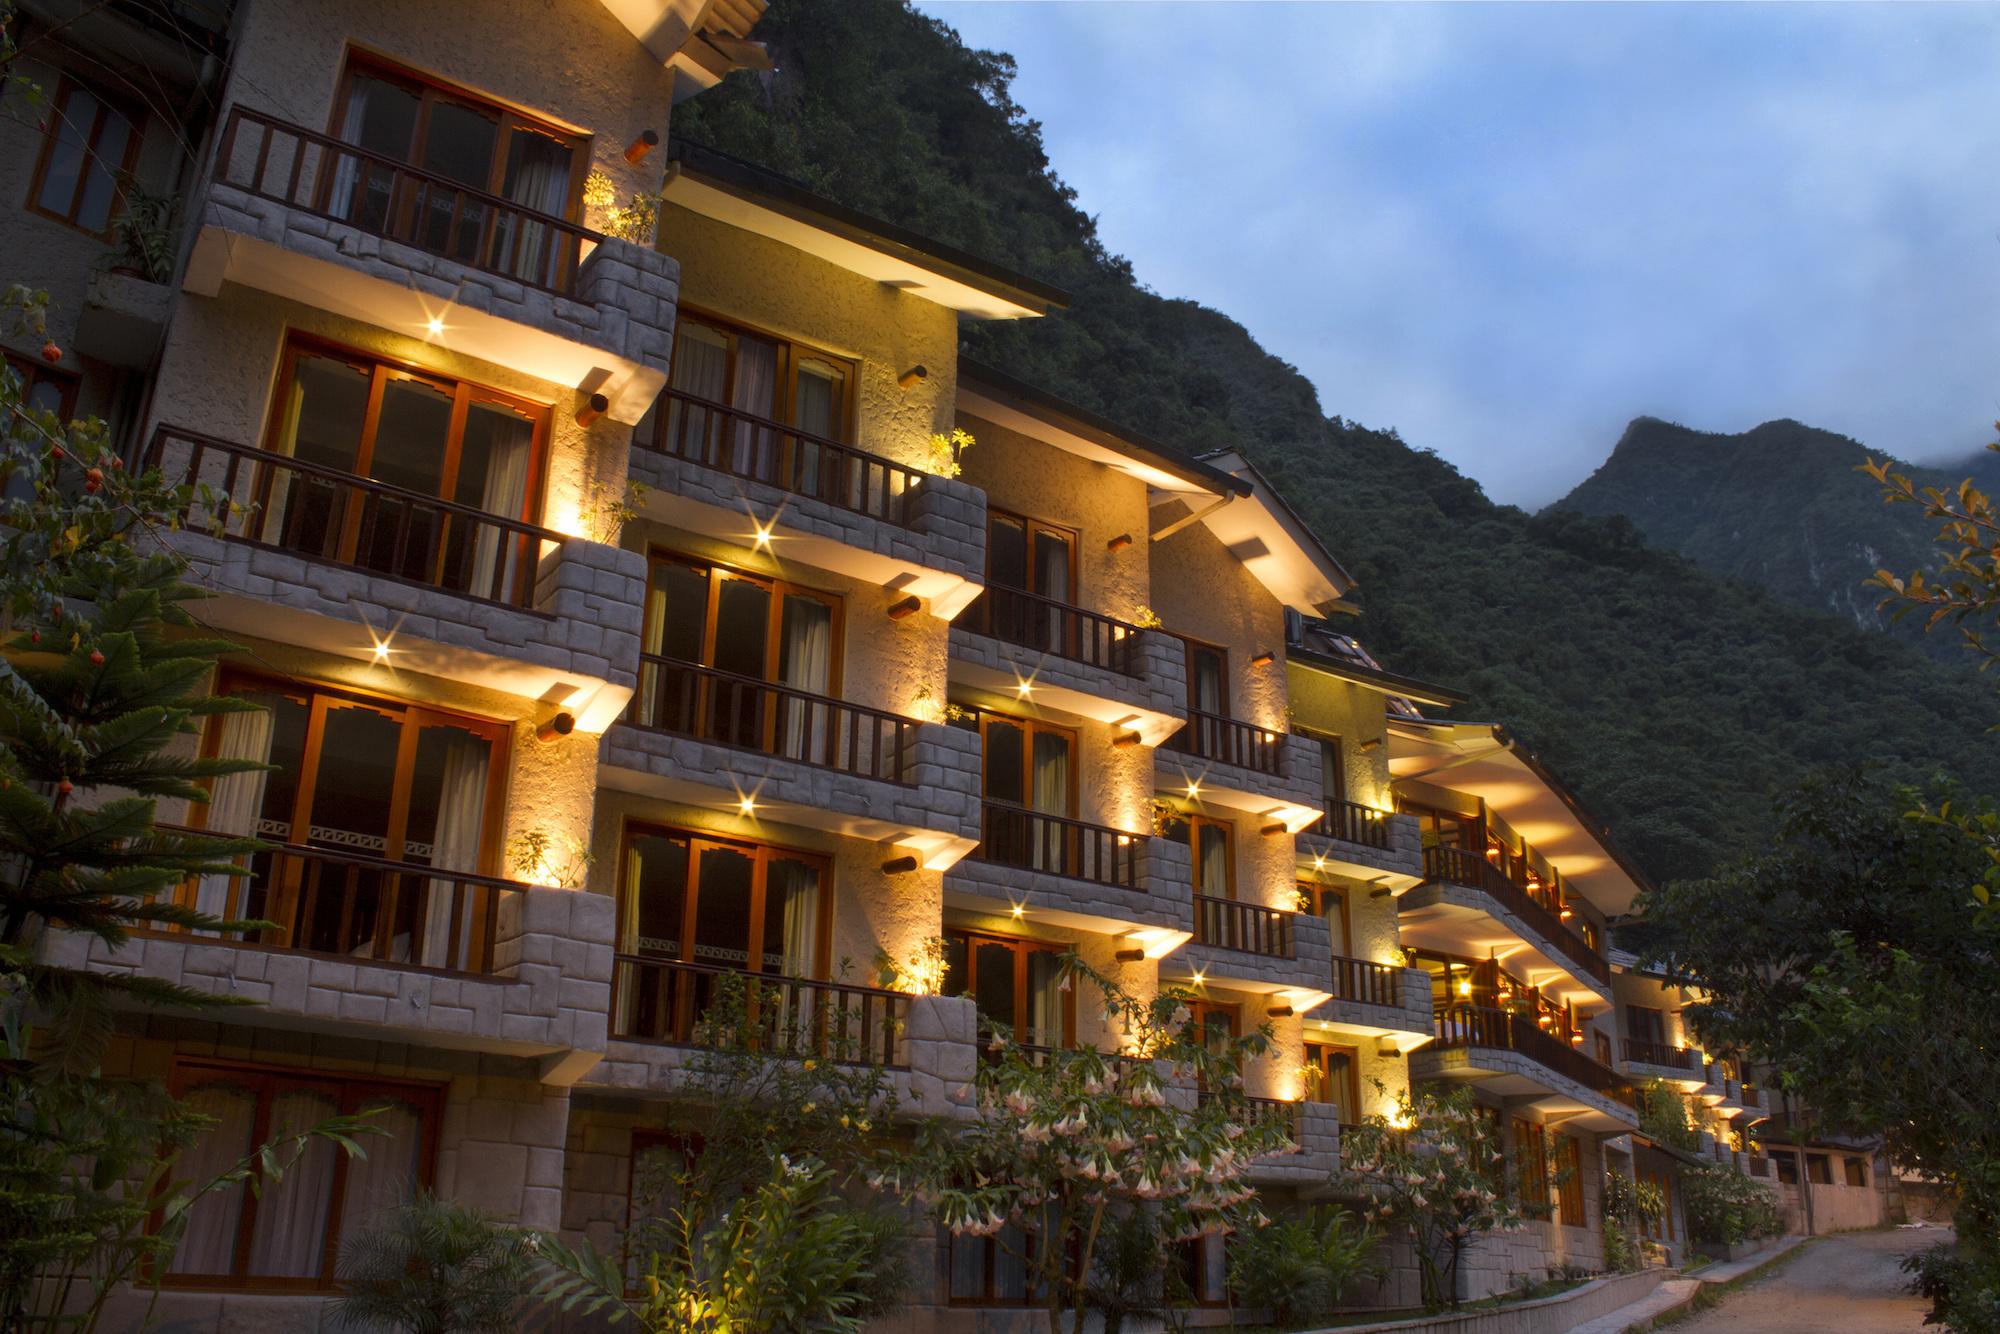 Hotel Sumaq Machupicchu sandoval lake lodge